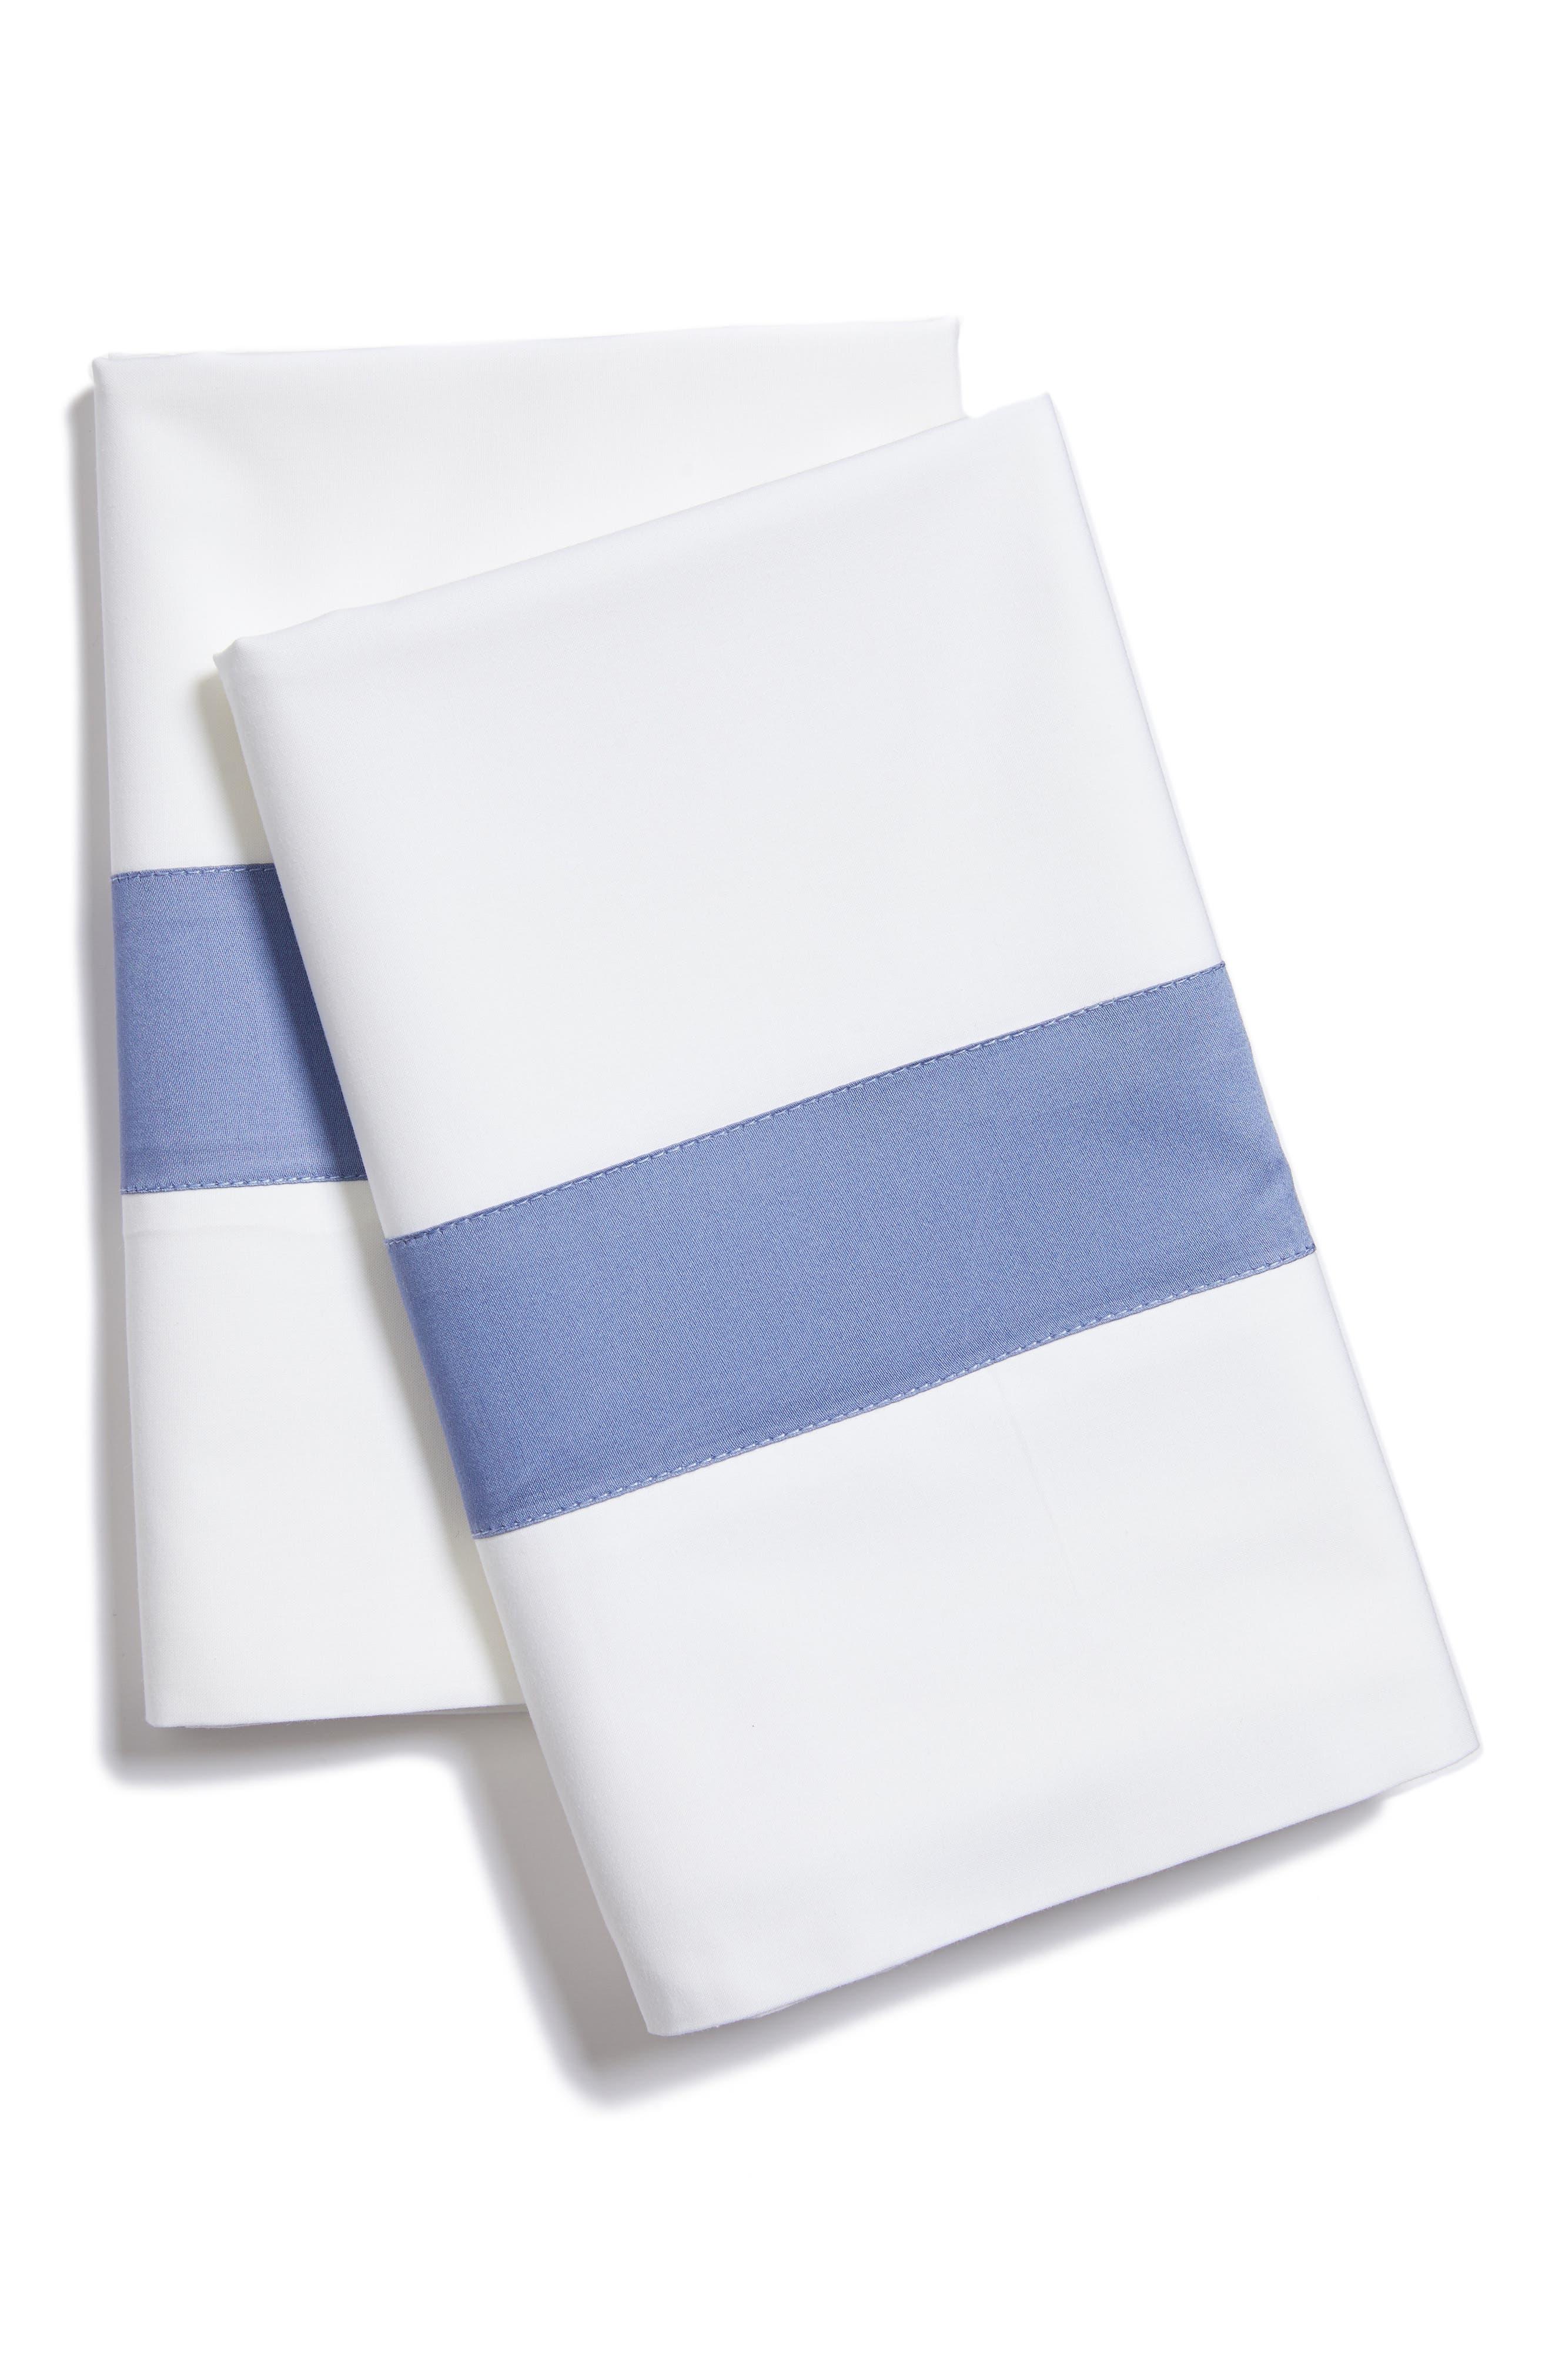 Orlo Pillowcase,                         Main,                         color, White/ Cornflower